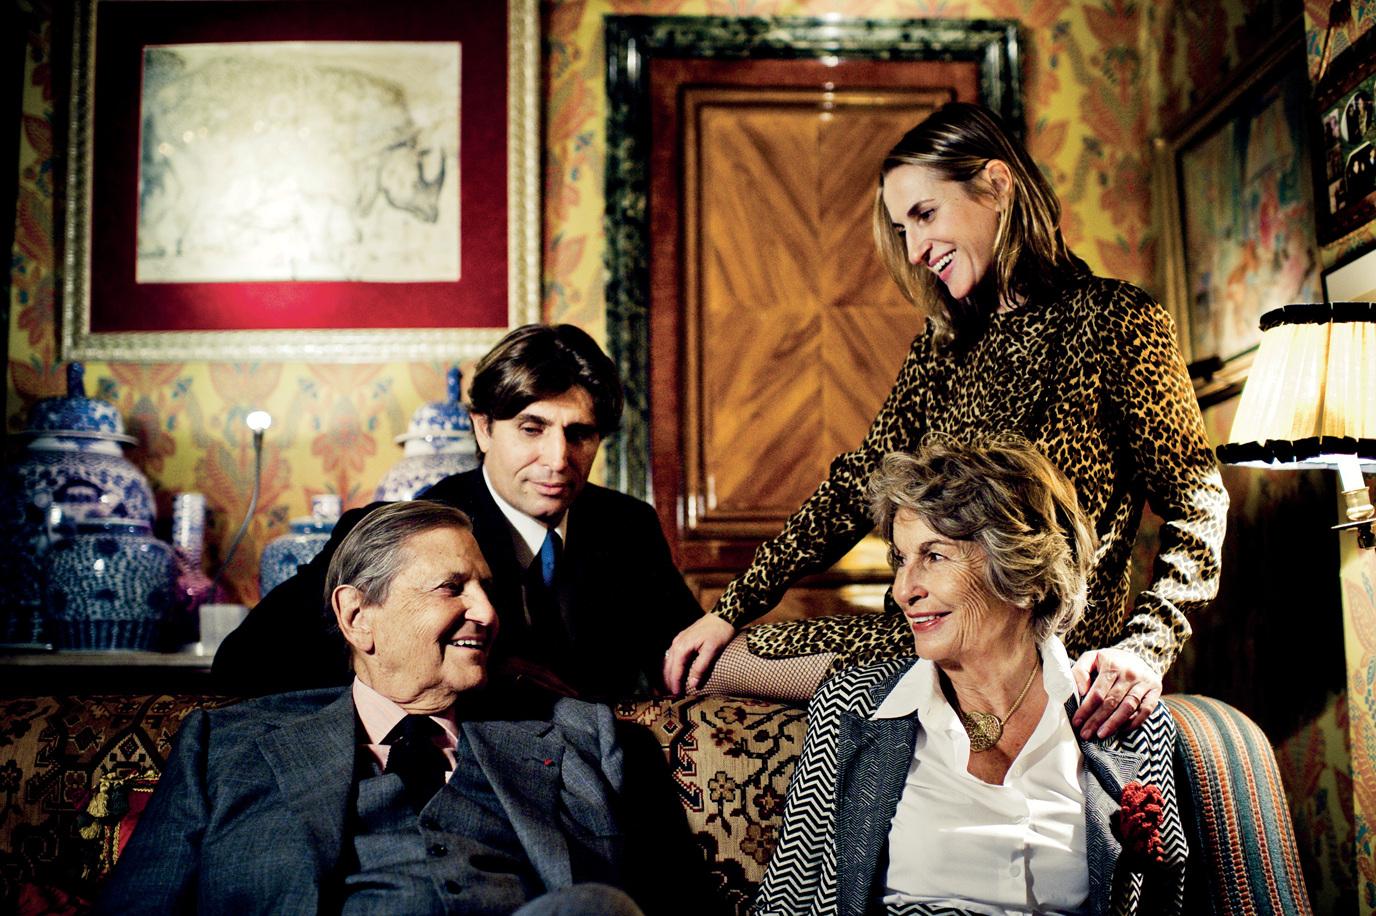 Юбер и Изабель Д'Орнано, и их дети Филипп и Кристин